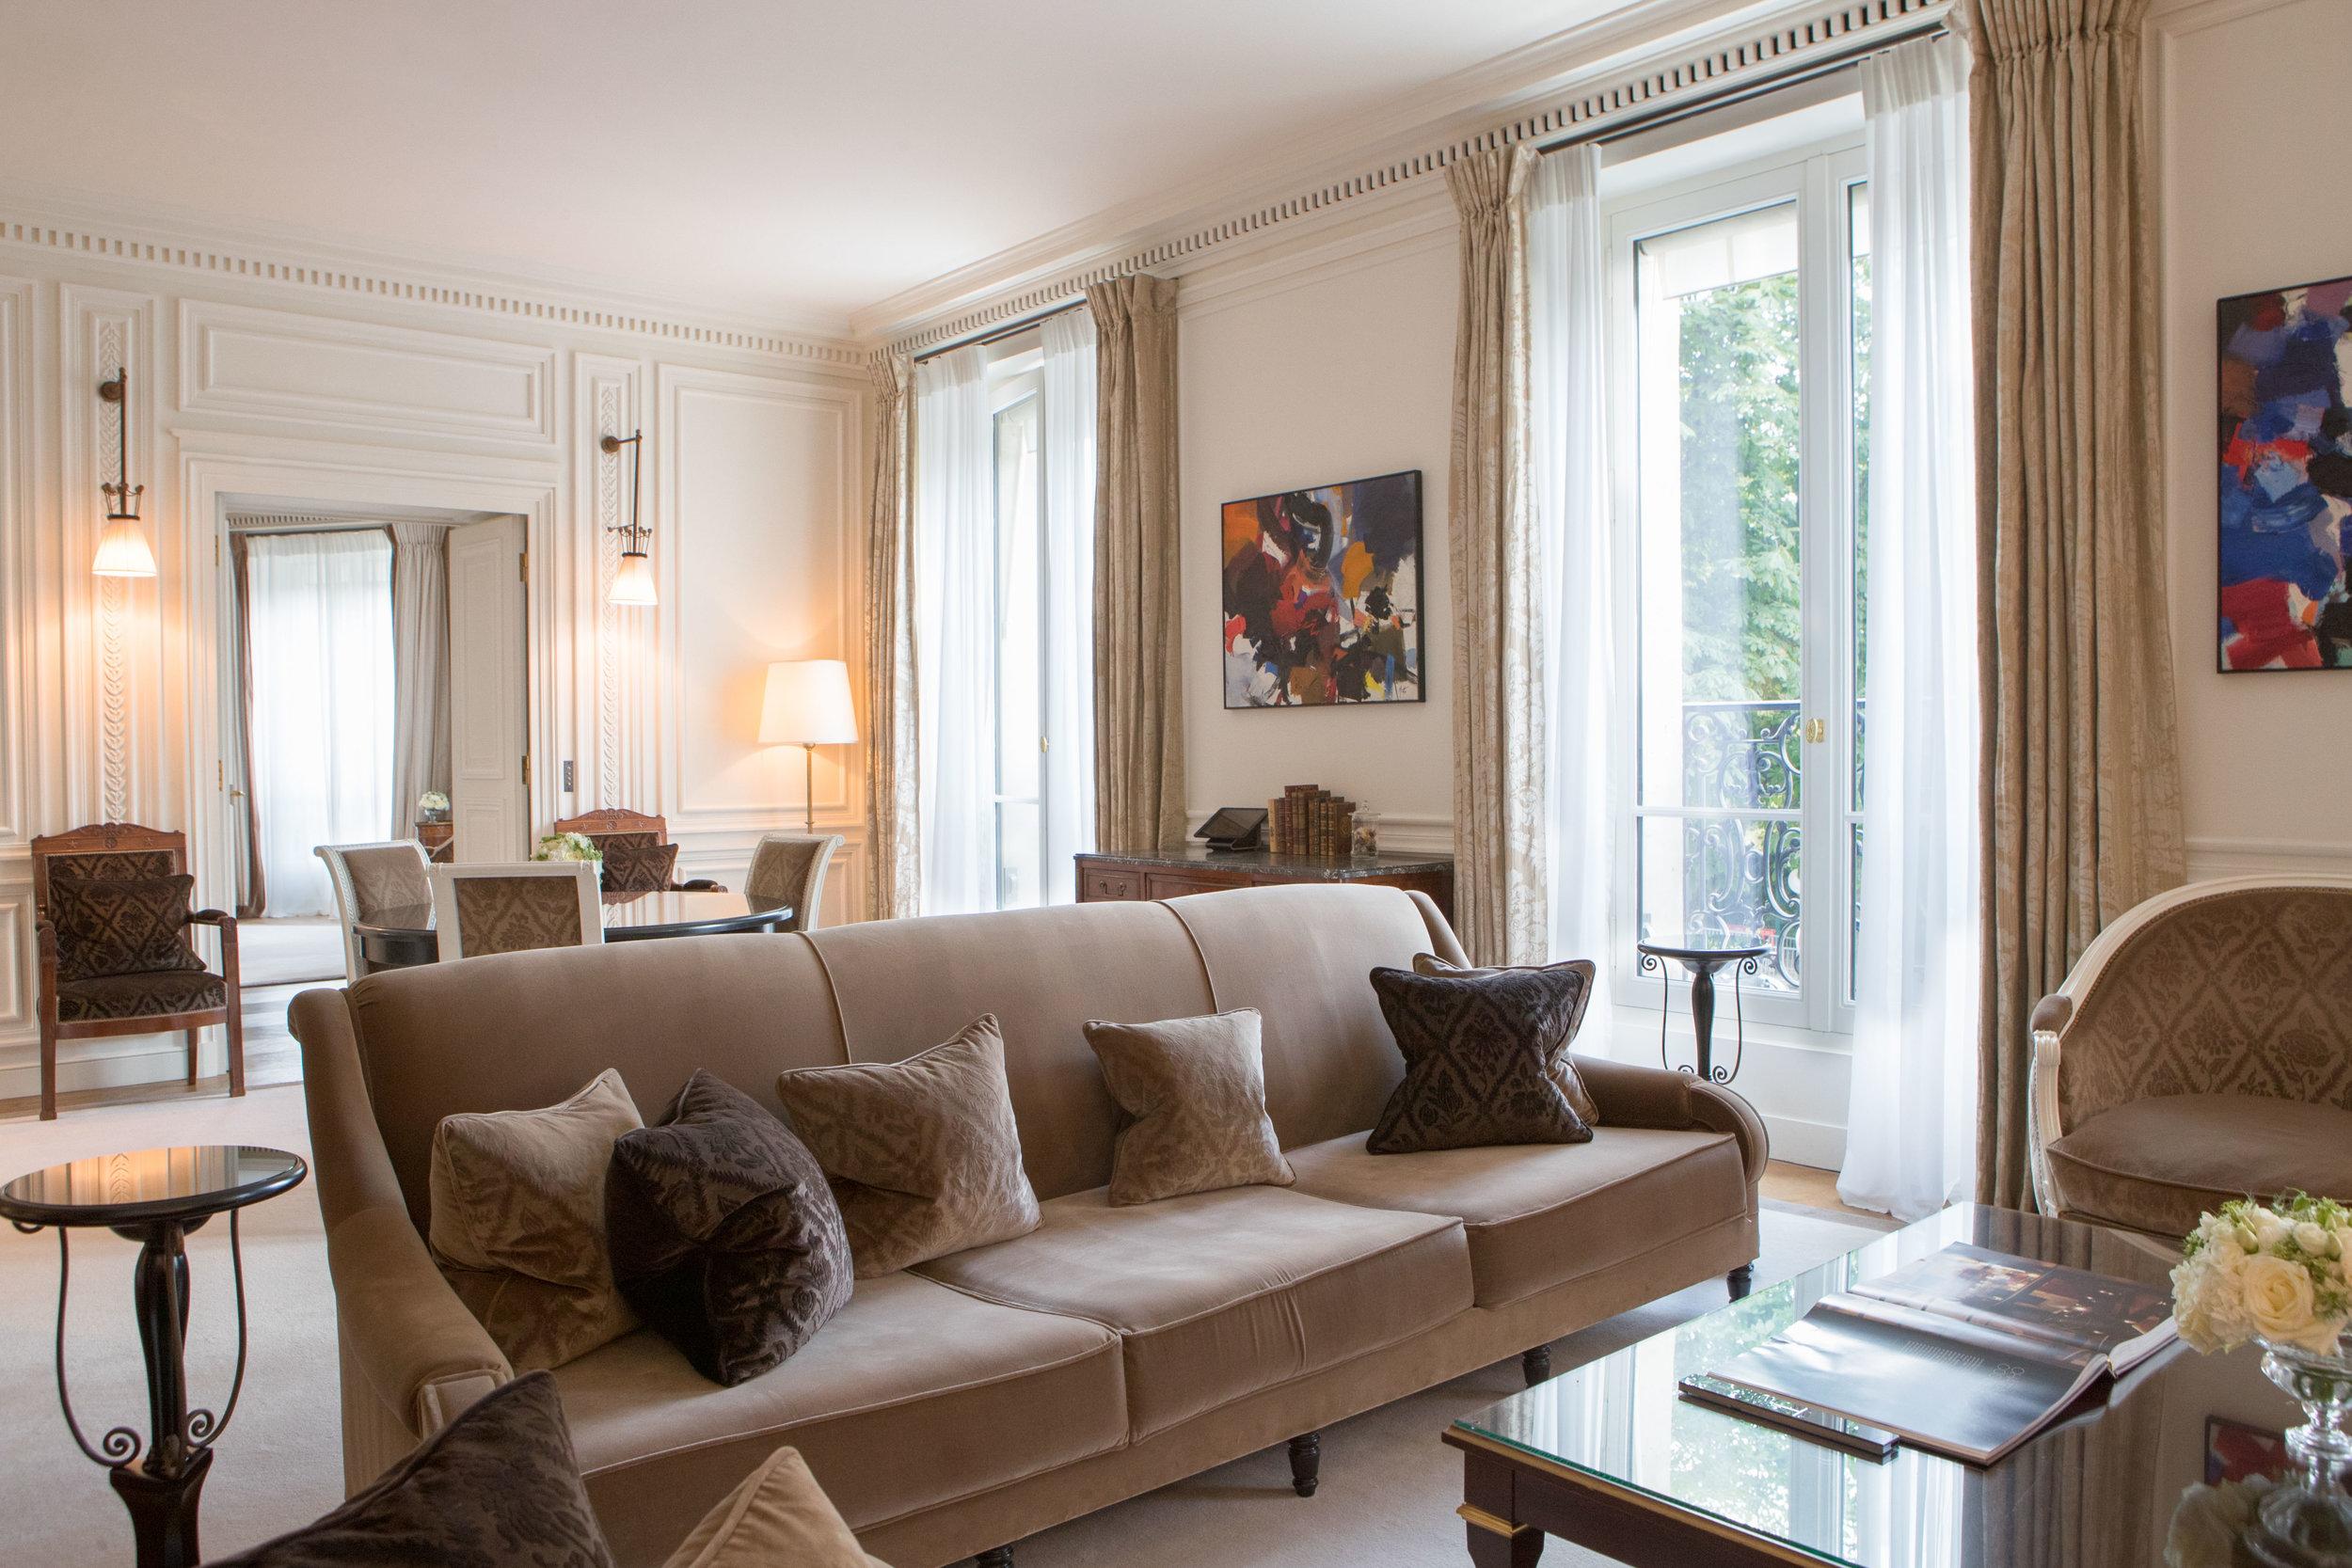 Suite-de-Morny-Lounge-La-Reserve-Paris - Crédits photo G. Gardette - La Réserve Paris.jpg